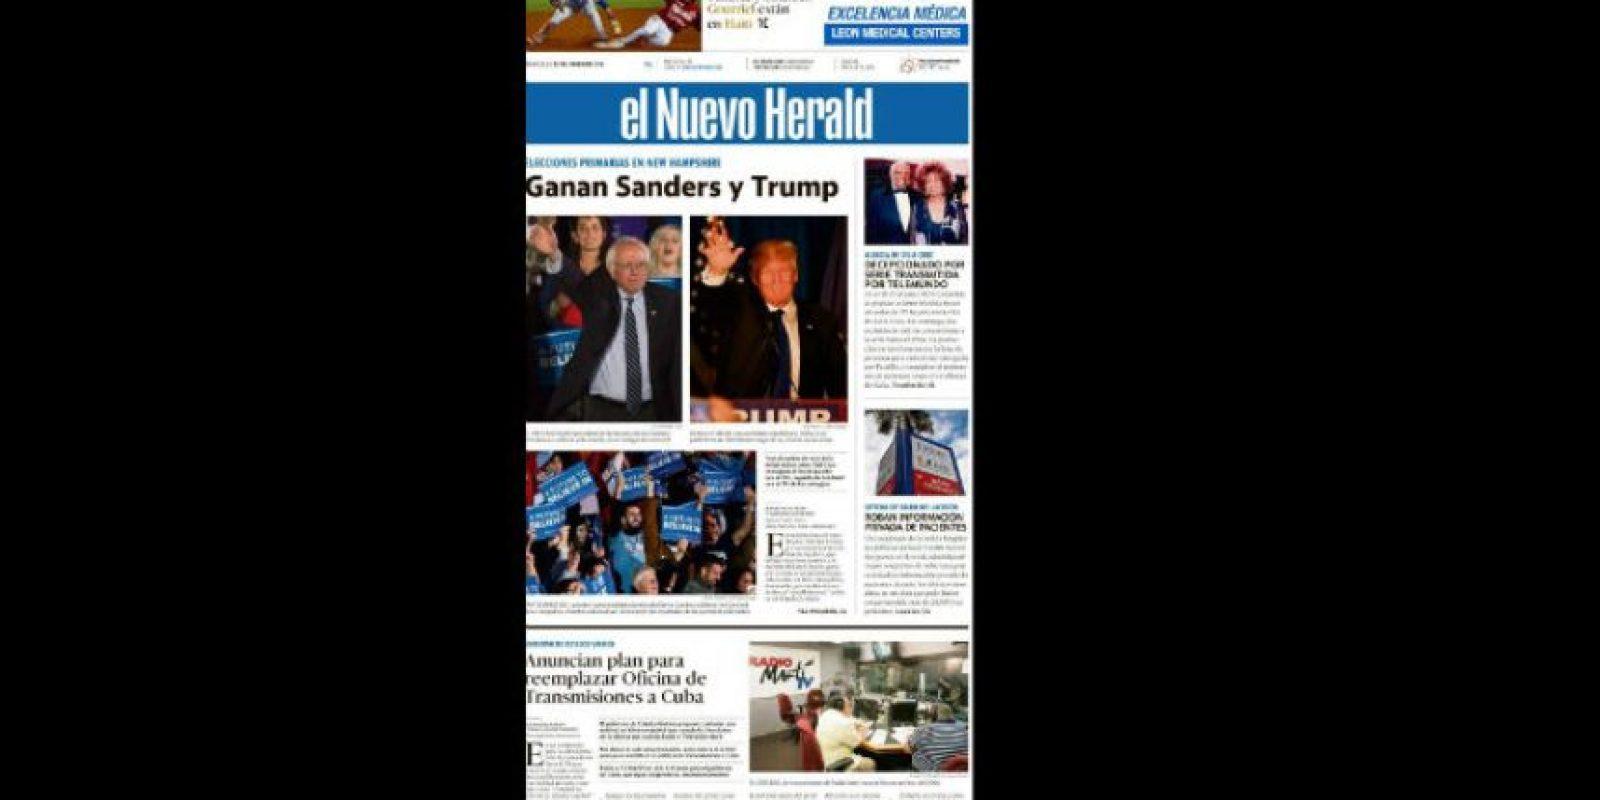 Así lucen las portadas de los diarios en Estados Unidos Foto:Nuevo Herald